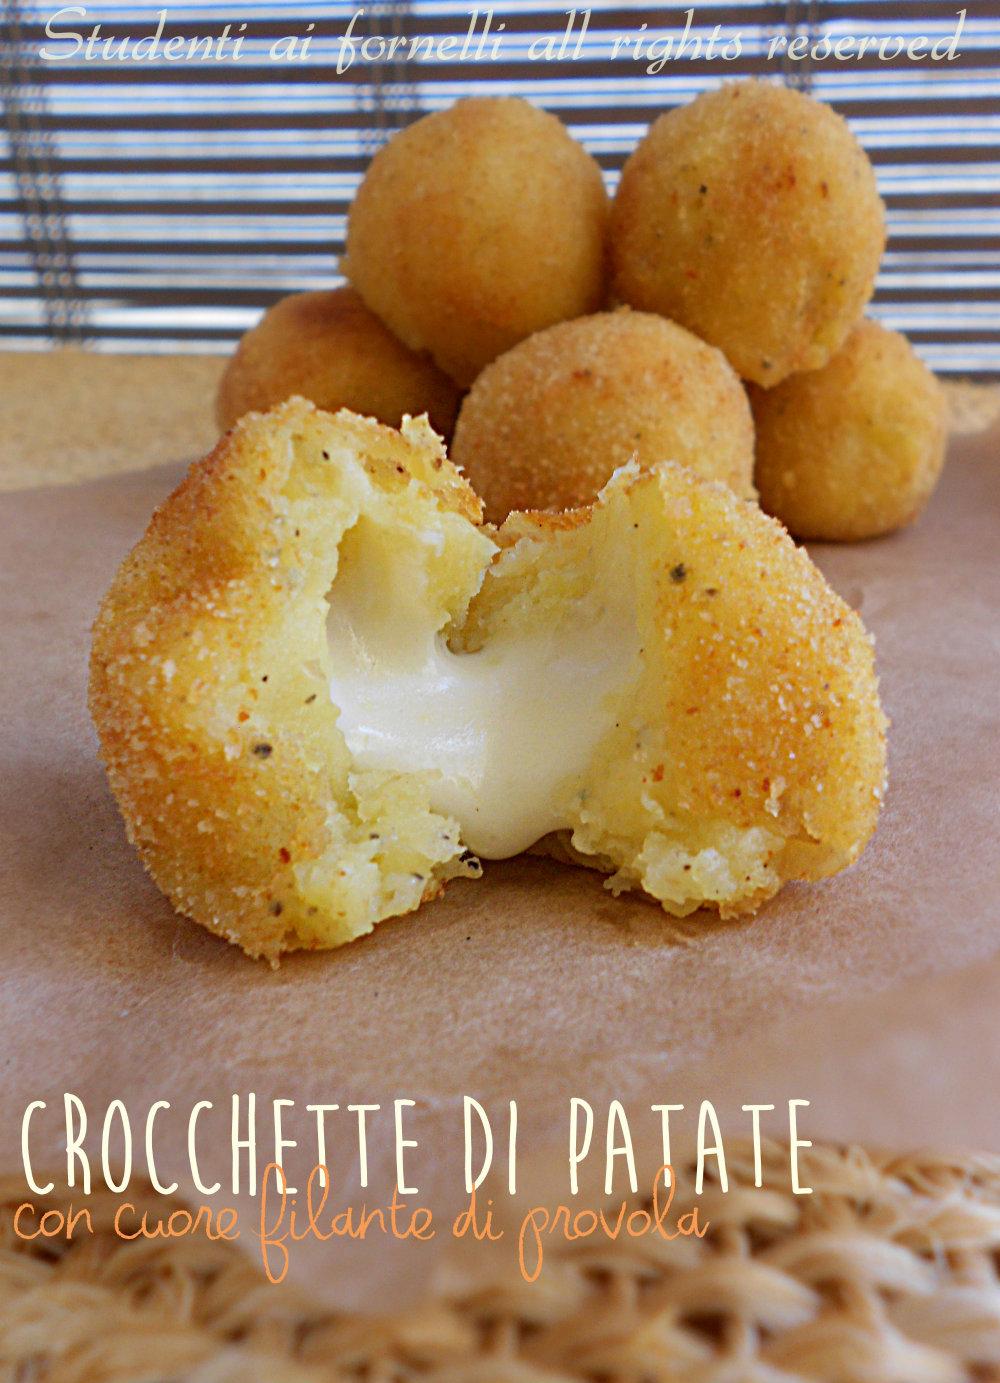 crocchette di patate e provola ricetta sfiziosa